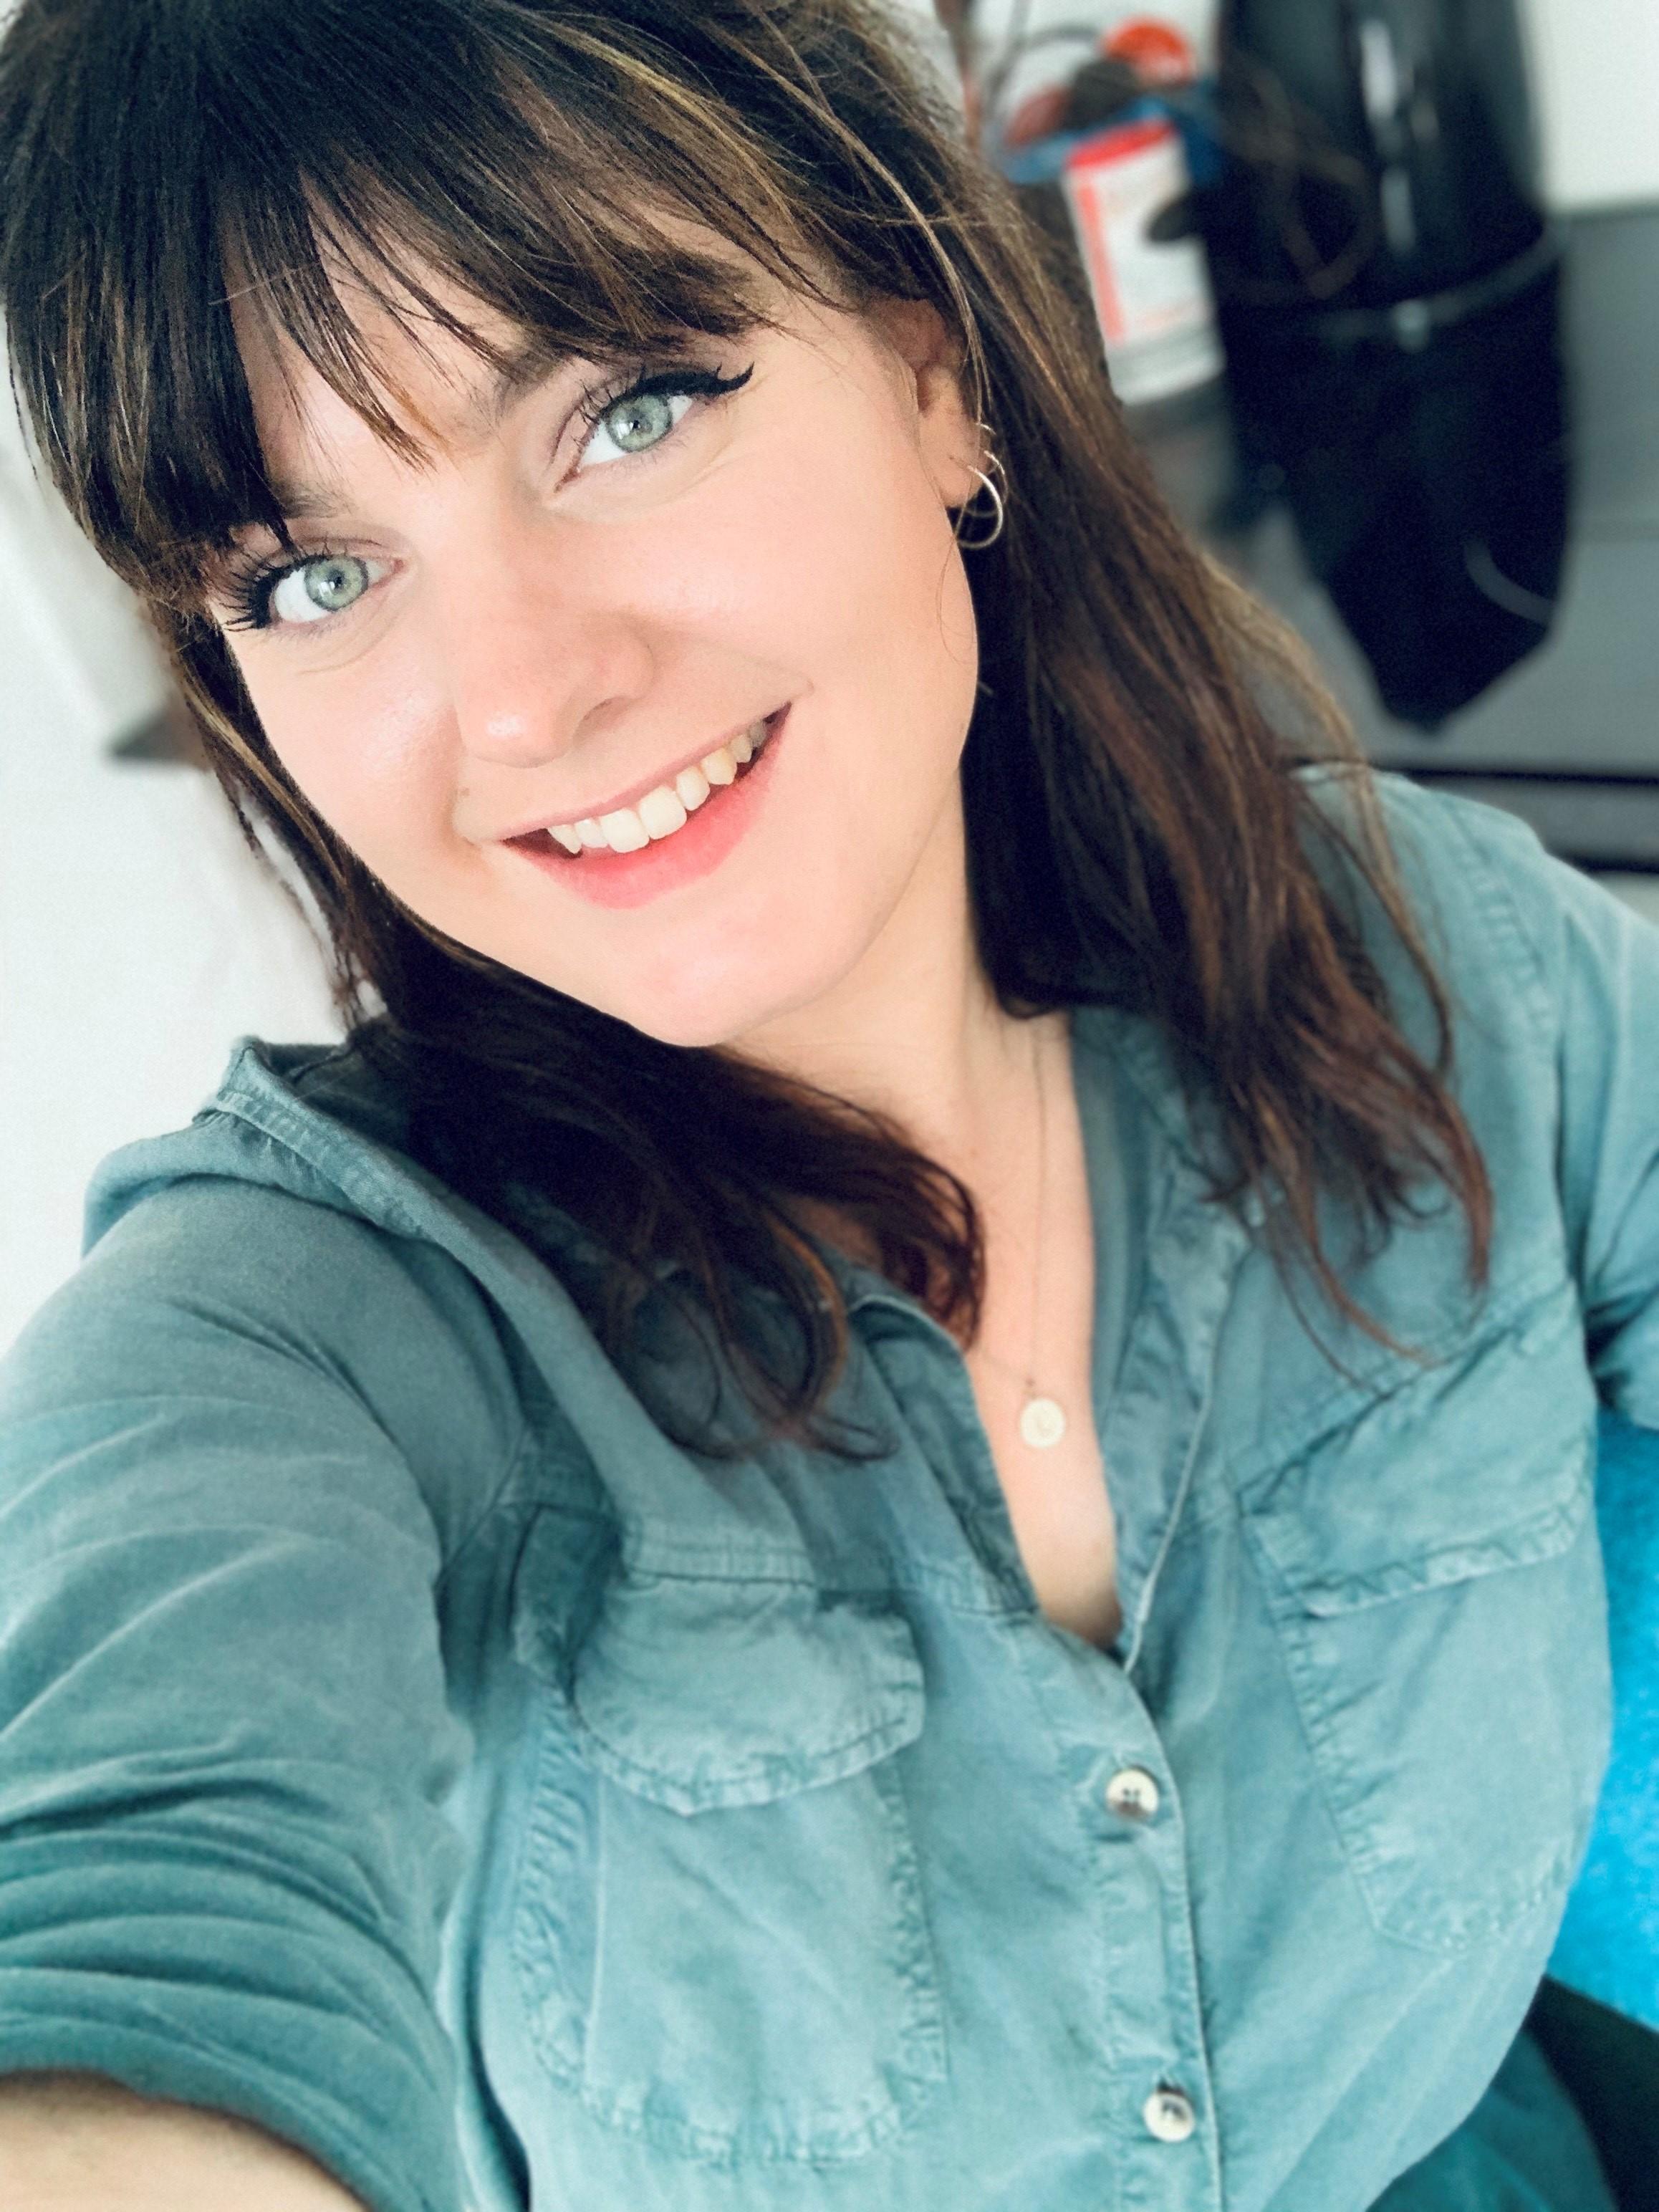 Laura - Kapper bij Annett Philipp Art of Hair Haren